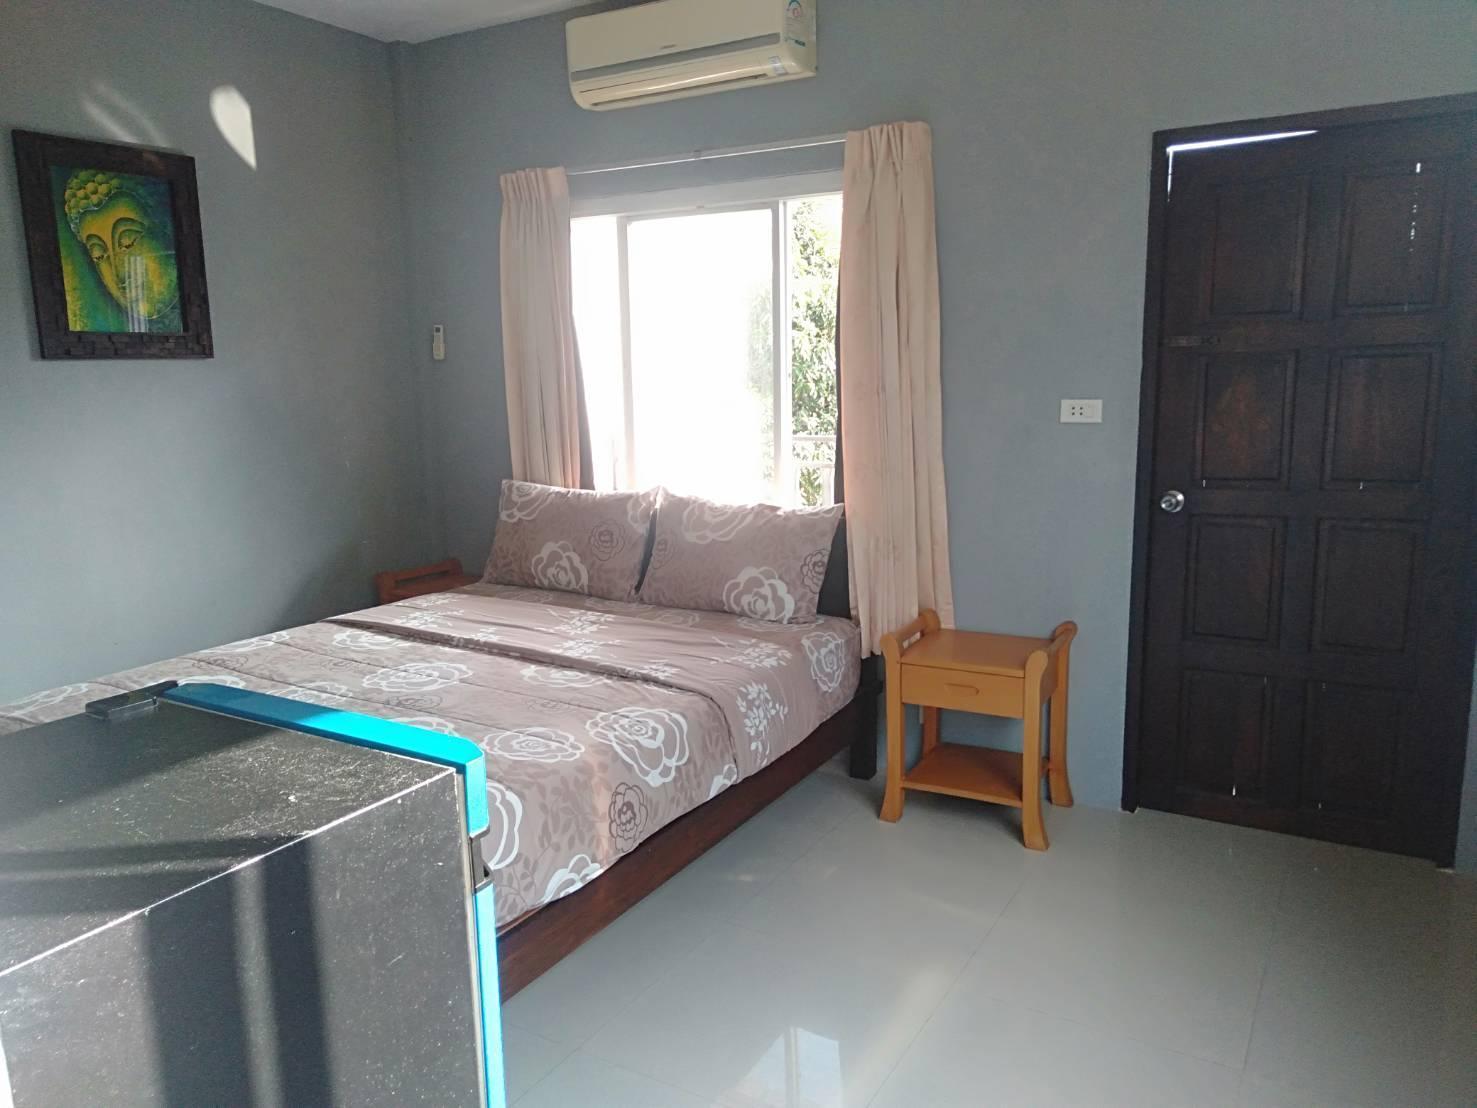 Room 4 for Rent Koh Samui อพาร์ตเมนต์ 1 ห้องนอน 1 ห้องน้ำส่วนตัว ขนาด 30 ตร.ม. – หาดเฉวง